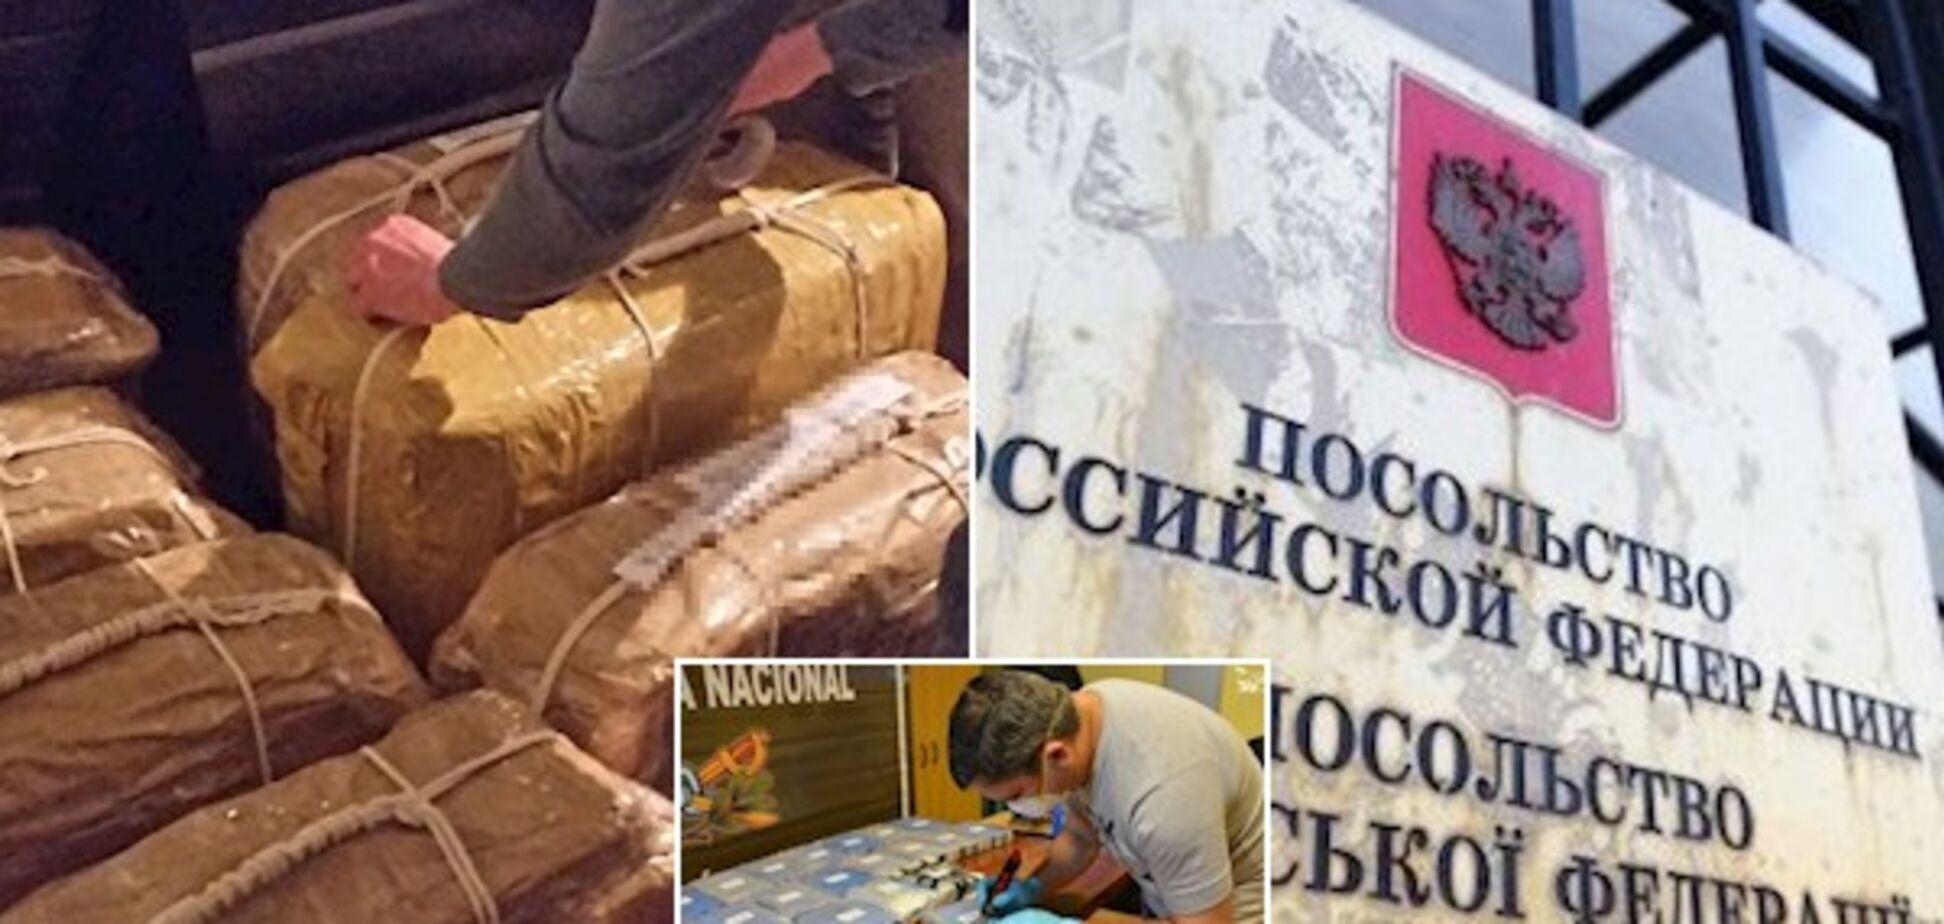 Кокаїновий скандал з Росією: експерт пояснив, чи можливо таке в Україні